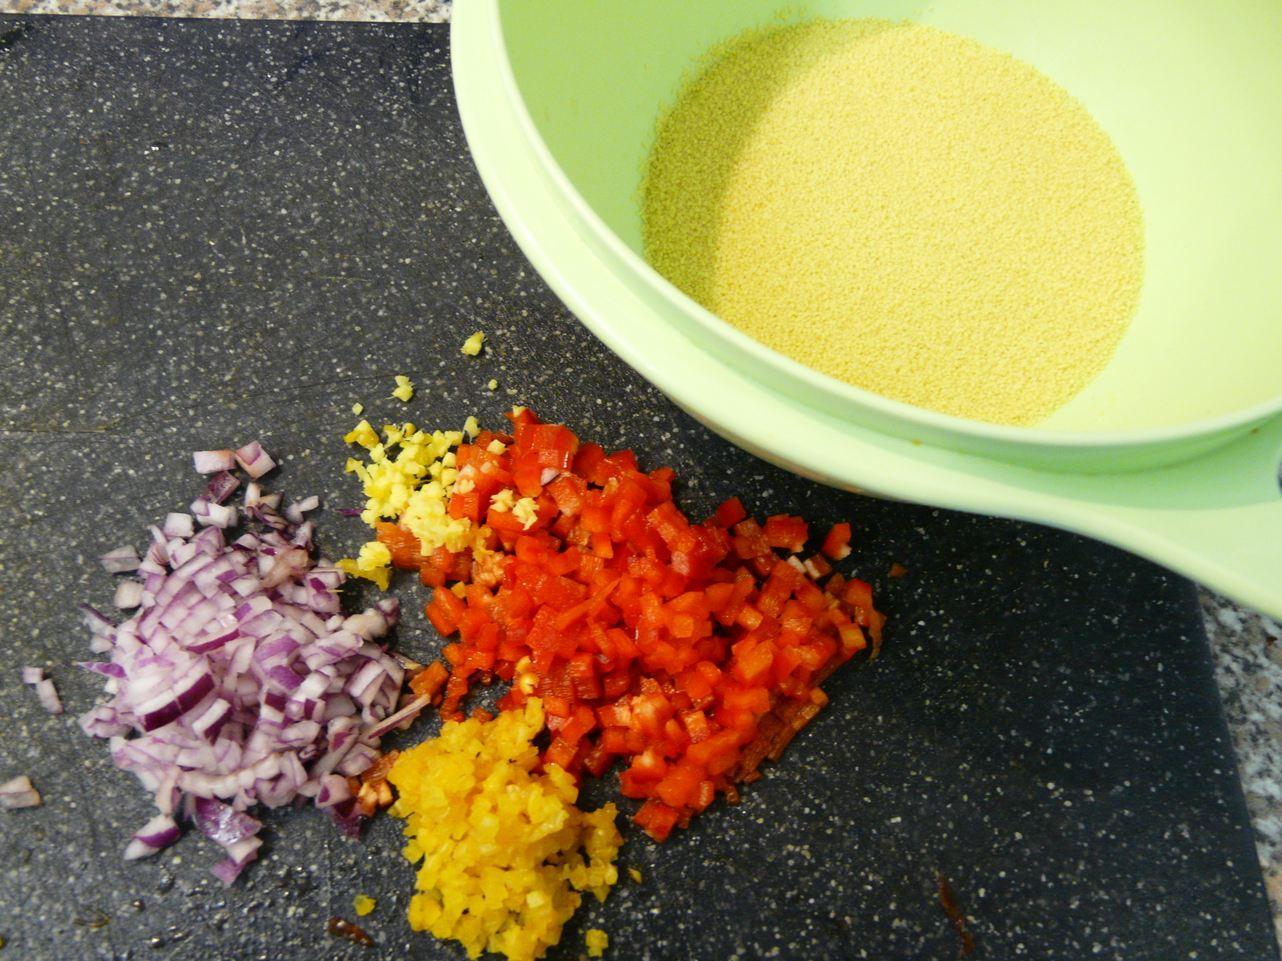 Zutaten: Cous Cous, rote Zwiebel, Paprika, Ingwer, geräucherter Knoblauch